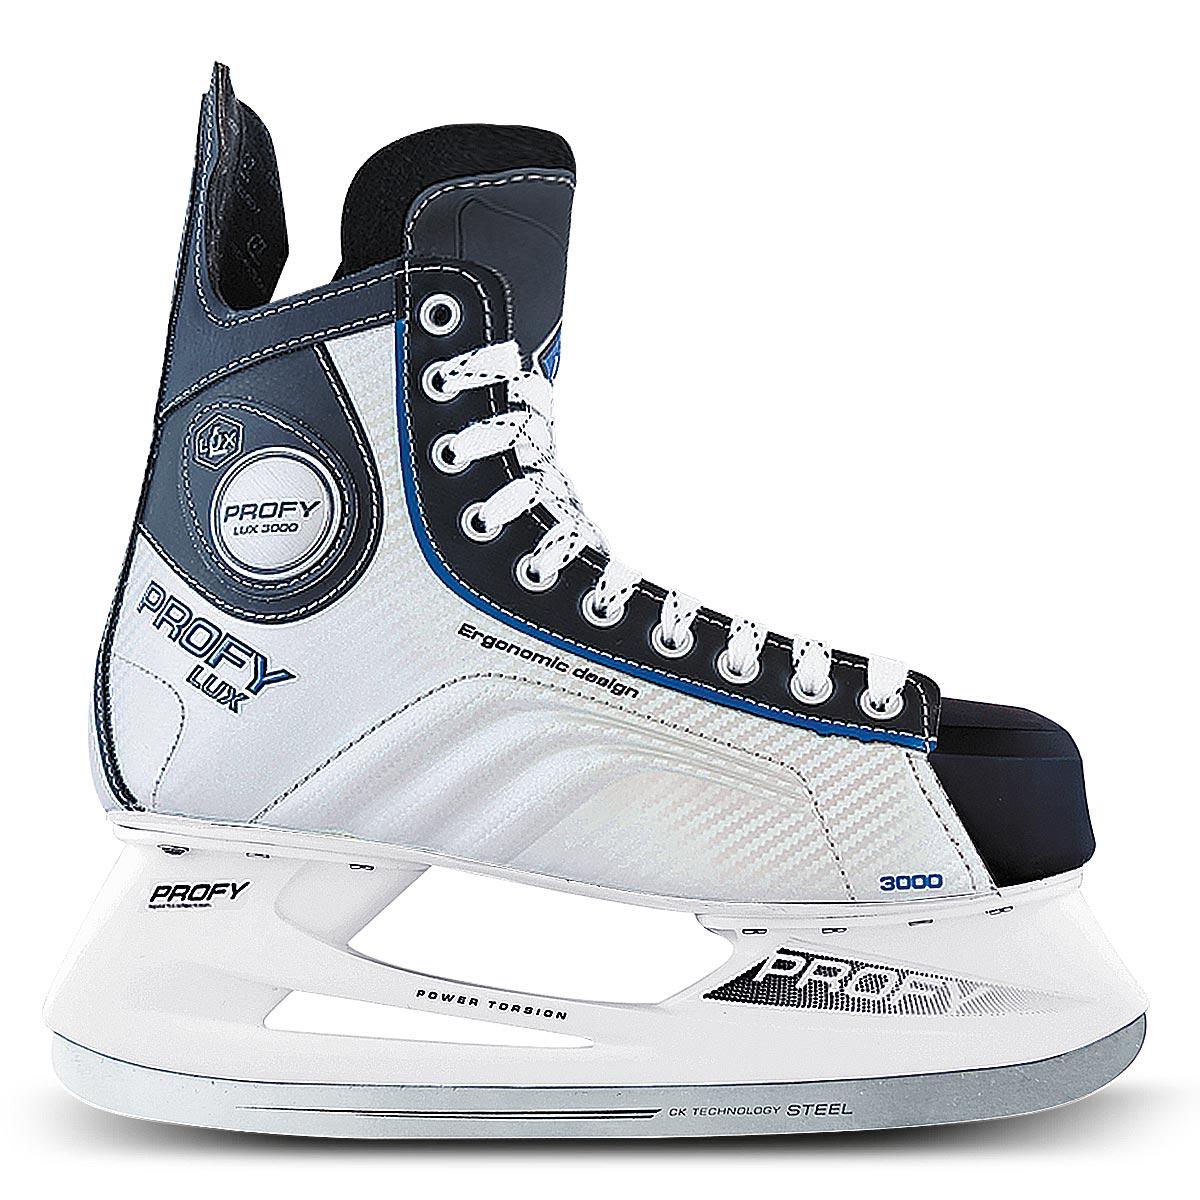 Коньки хоккейные мужские СК Profy Lux 3000, цвет: черный, серебряный, синий. Размер 42FREESTYLE_серый, черный_37Коньки хоккейные мужские СК Profy Lux 3000 прекрасно подойдут для профессиональных игроков в хоккей. Ботинок выполнен из морозоустойчивой искусственной кожи и специального резистентного ПВХ, а язычок - из двухслойного войлока и искусственной кожи. Слоевая композитная технология позволила изготовить ботинок, полностью обволакивающий ногу. Это обеспечивает прочную и удобную фиксацию ноги, повышает защиту от ударов. Ботинок изготовлен с учетом антропометрии стоп россиян, что обеспечивает комфорт и устойчивость ноги, правильное распределение нагрузки, сильно снижает травмоопасность. Конструкция носка ботинка, изготовленного из ударопрочного энергопоглощающего термопластичного полиуретана Hytrel® (DuPont), обеспечивает увеличенную надежность защиты передней части ступни от ударов. Усиленные боковины ботинка из формованного PVC укрепляют боковую часть ботинка и дополнительно защищают ступню от ударов за счет поглощения энергии. Тип застежки ботинок – классическая шнуровка. Стелька из упругого пенного полимерного материала EVA гарантирует комфортное положение ноги в ботинке, обеспечивает быструю адаптацию ботинка к индивидуальным формам ноги, не теряет упругости при изменении температуры и не разрушается от воздействия пота и влаги. Легкая прочная низкопрофильная полимерная подошва инжекционного формования практически без потерь передает энергию от толчка ноги к лезвию – быстрее набор скорости, резче повороты и остановки, острее чувство льда. Лезвие из нержавеющей стали 420J обеспечит превосходное скольжение.